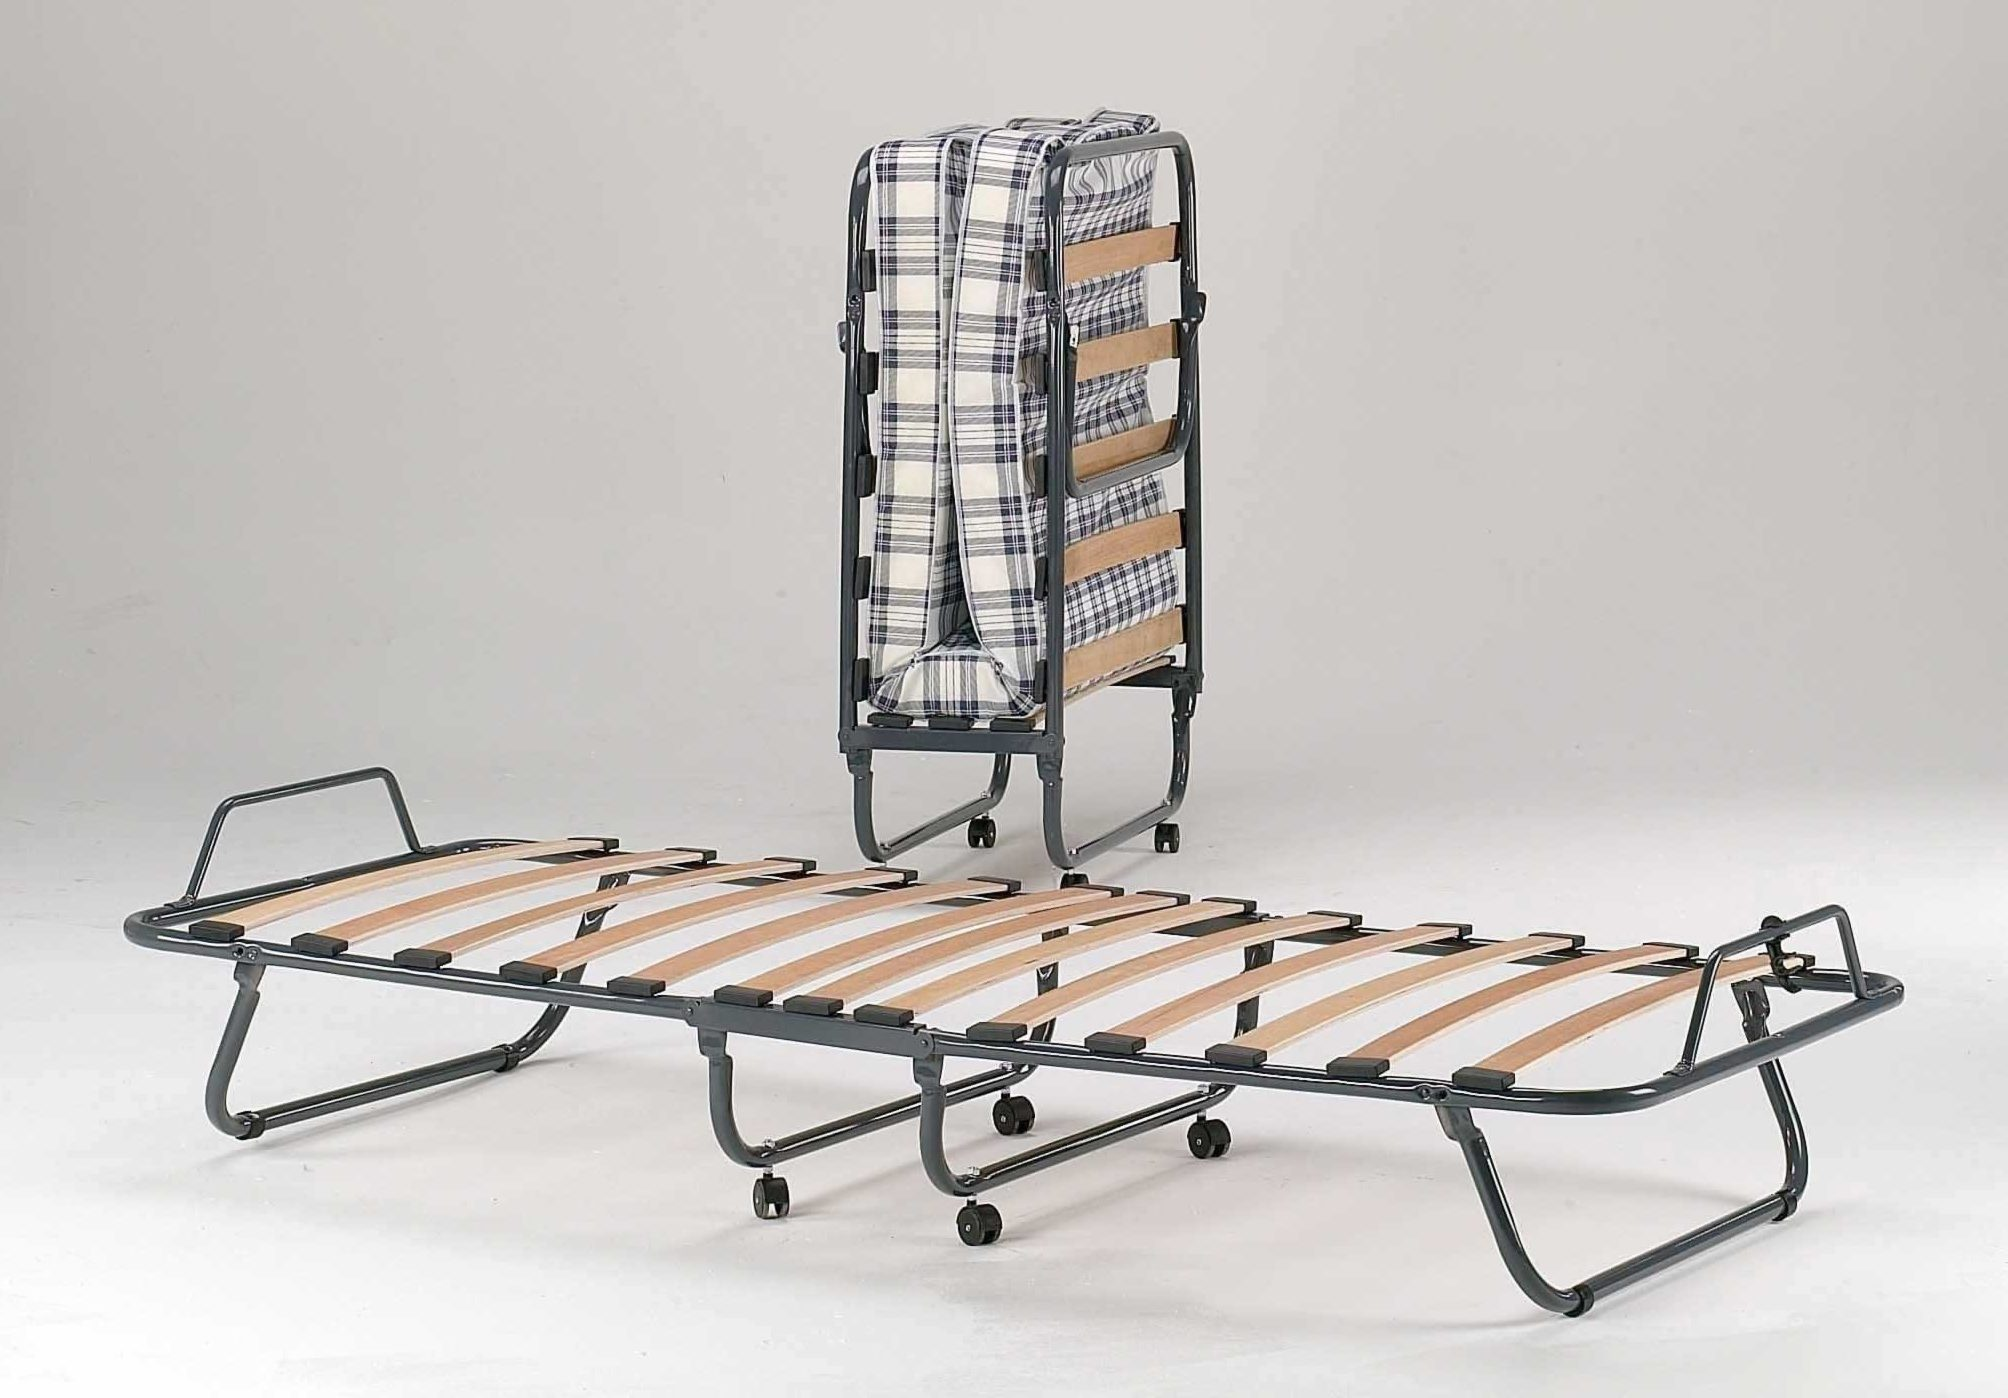 camas supletorias plegables para invitados inesperados